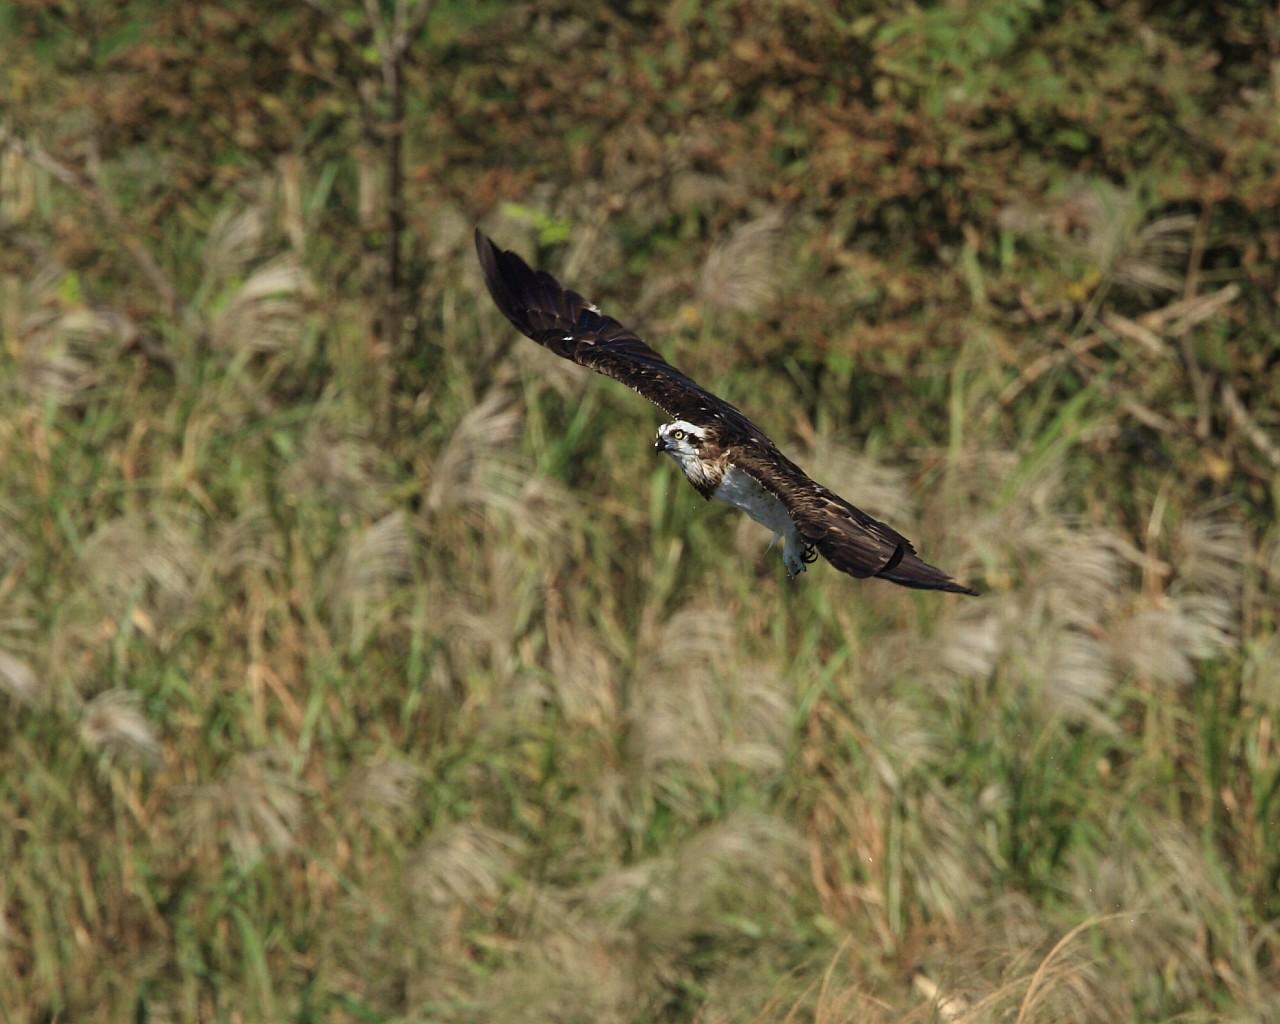 ススキを背景に秋らしいミサゴの飛翔_f0105570_2194162.jpg